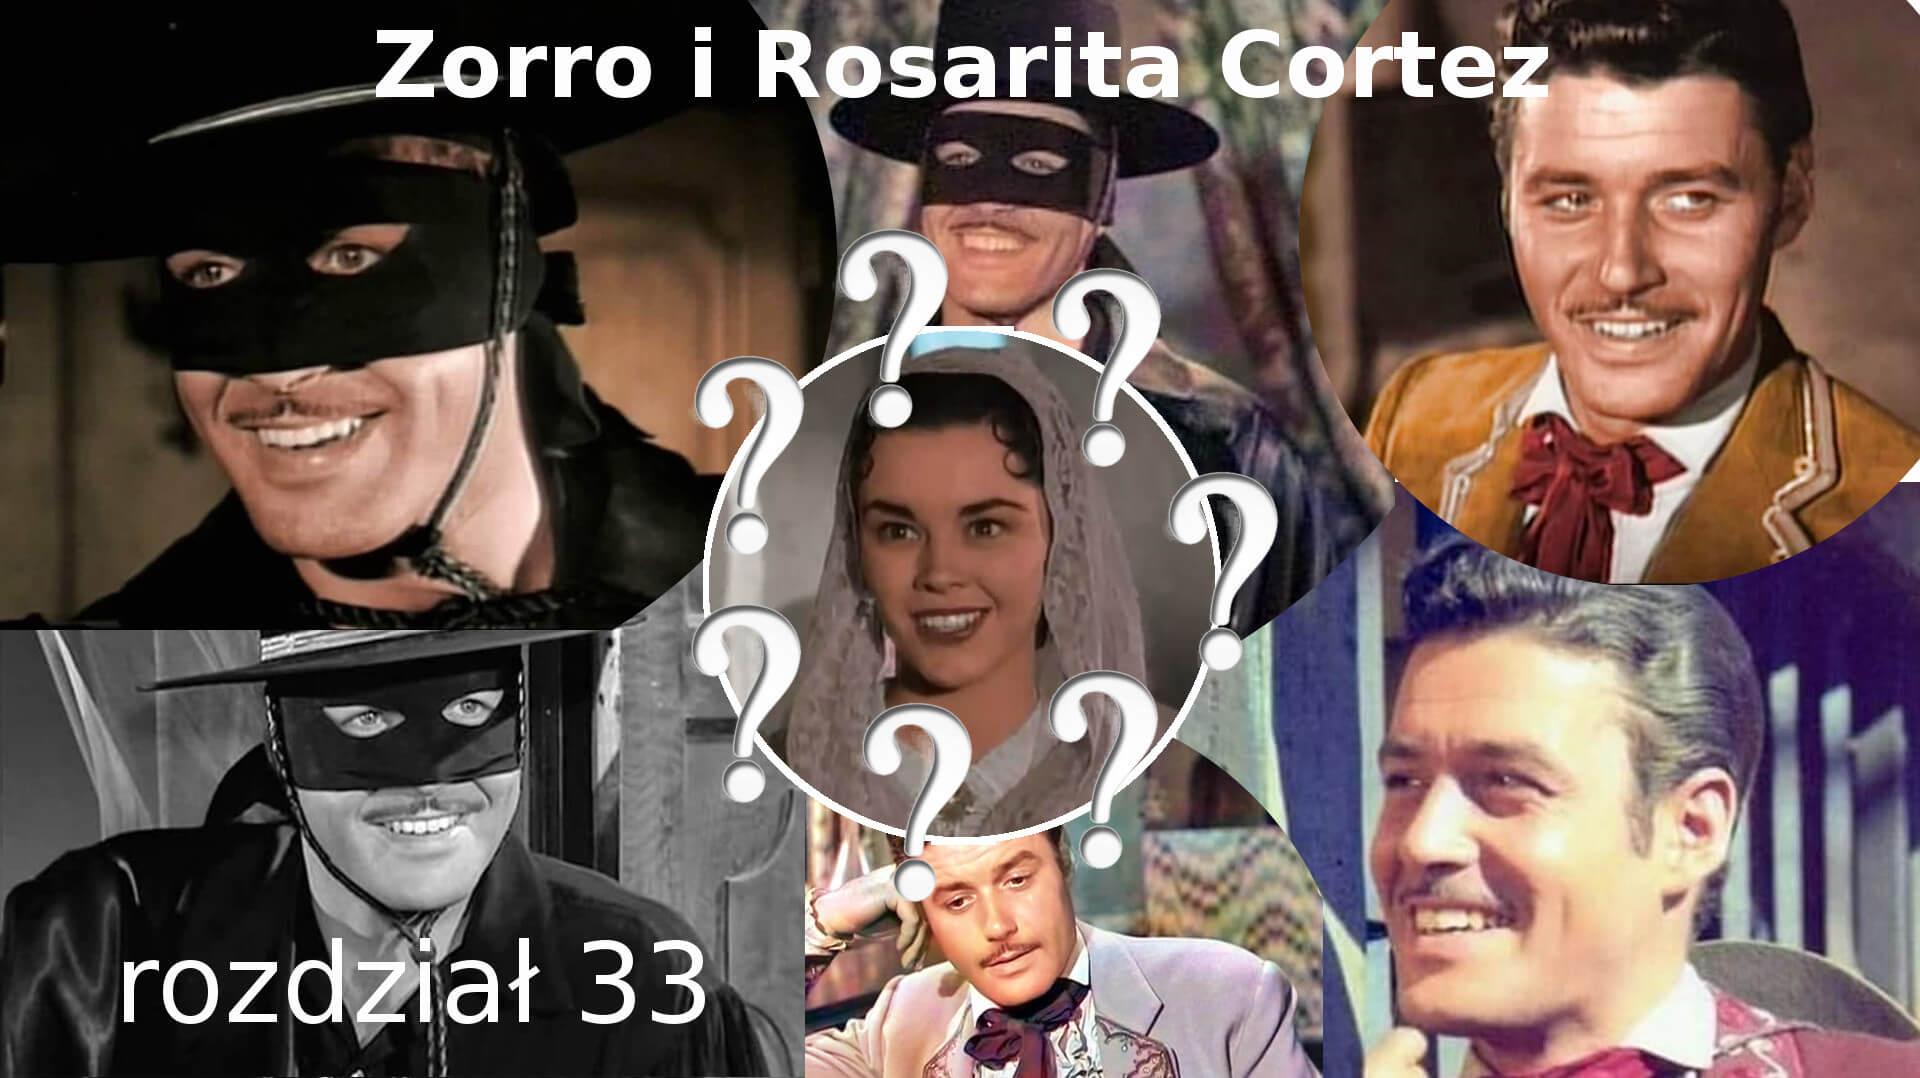 Zorro i Rosarita Cortez rozdział 33 Walt Disney Zorro fanfiction